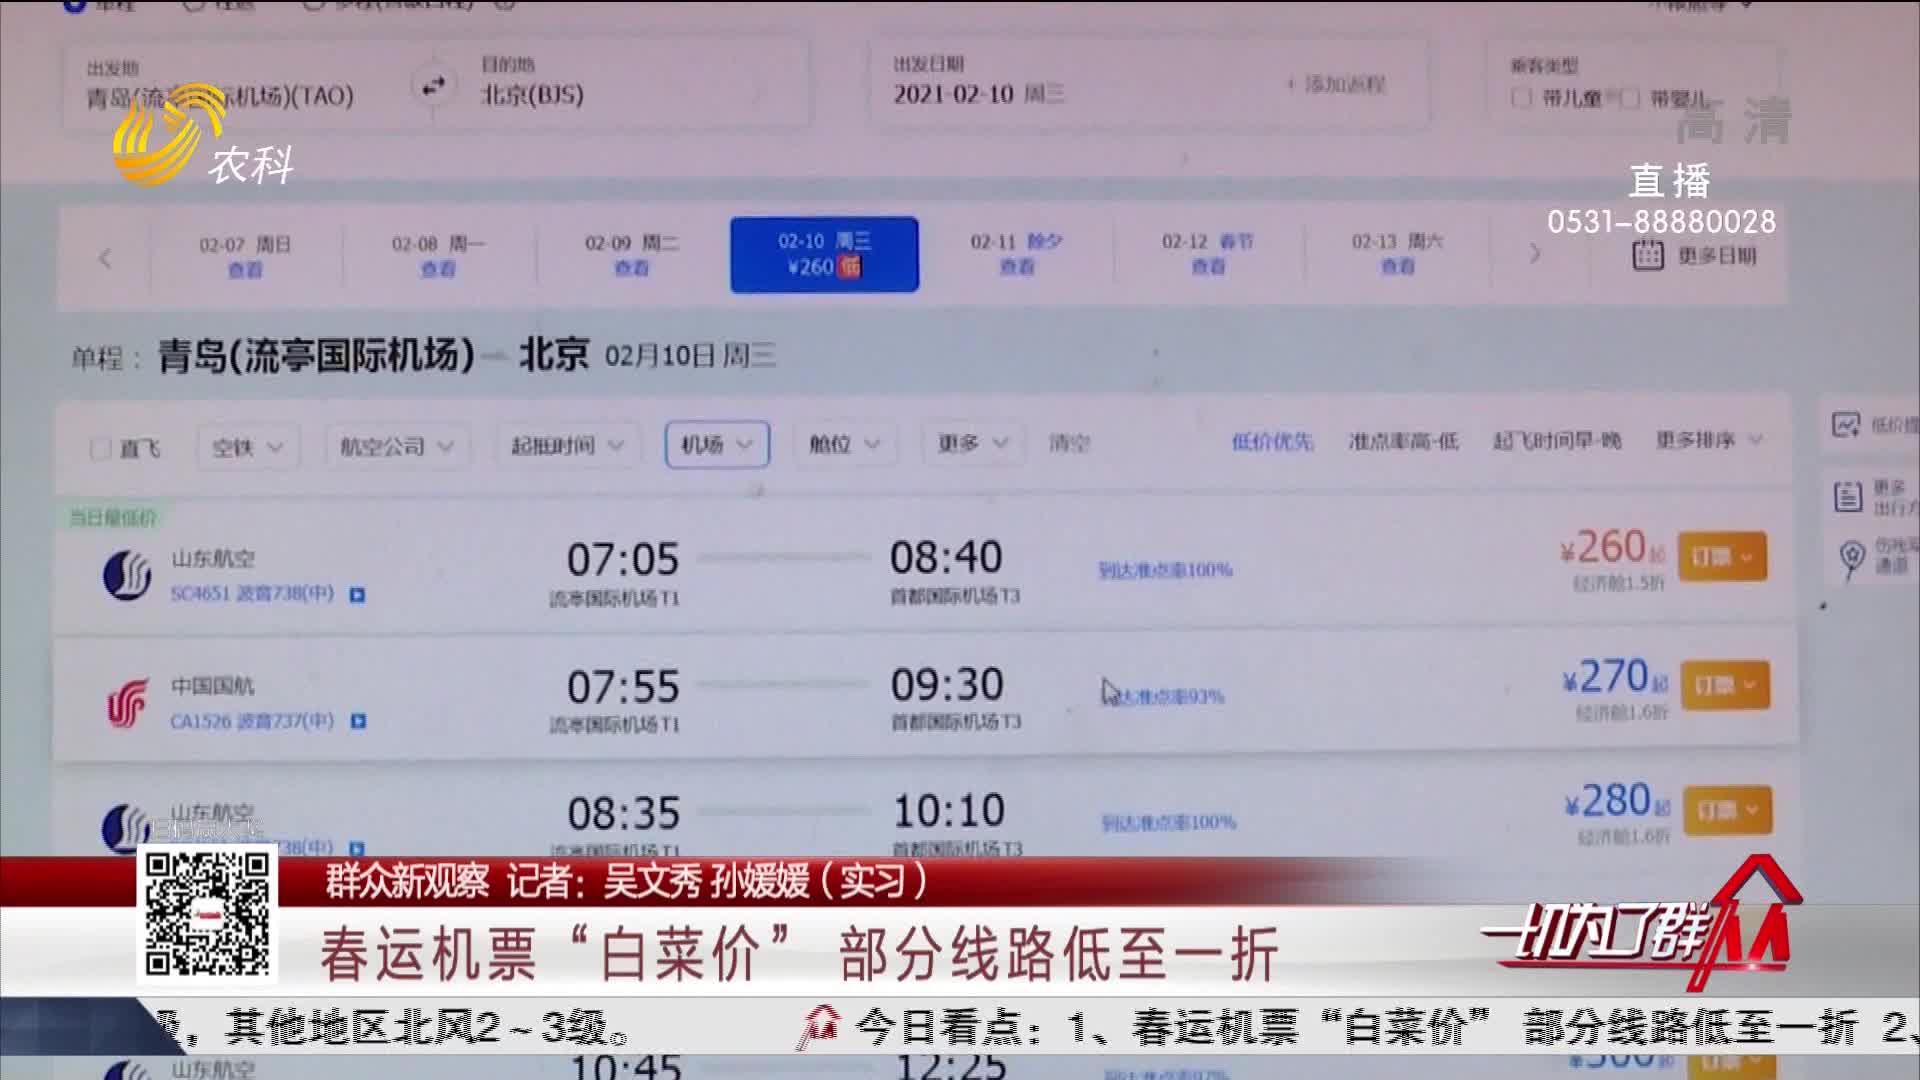 """【群众新观察】春运机票""""白菜价"""" 部分线路低至一折"""